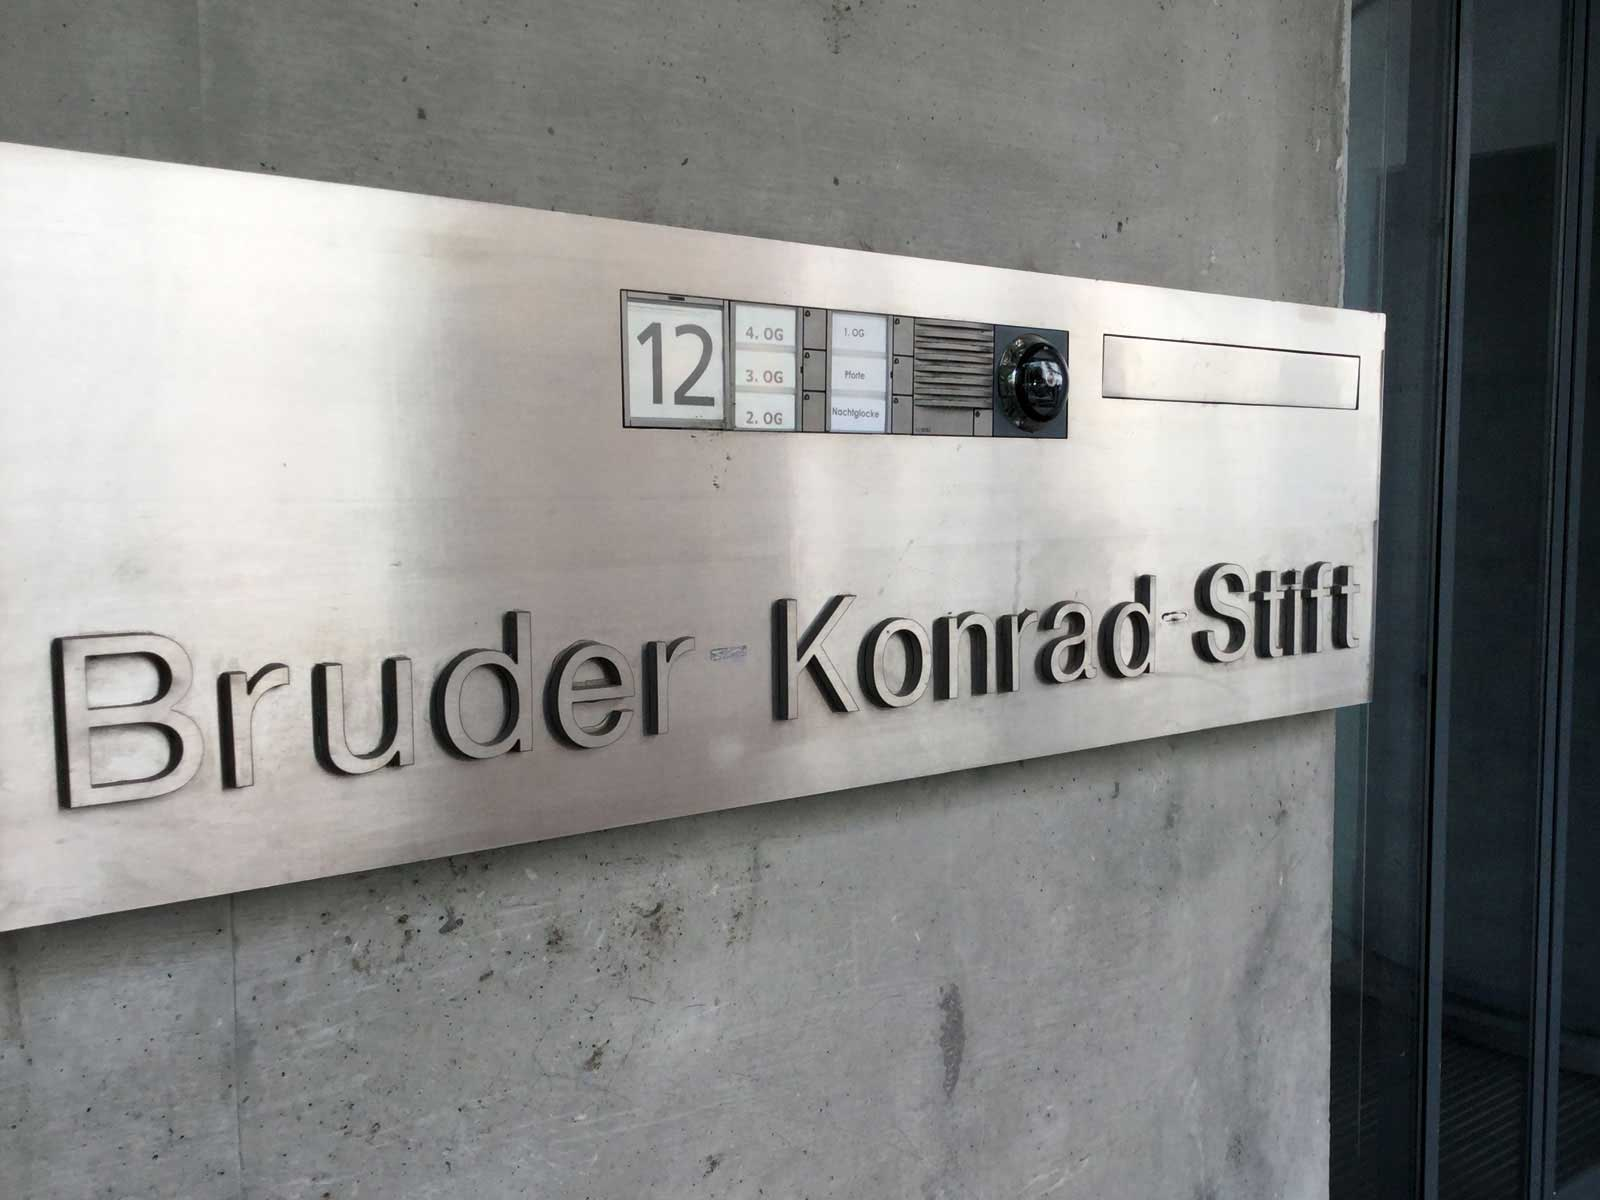 Seniorenzentrum-Bruder-Konrad-Stift-Schwestern-Haupteingang